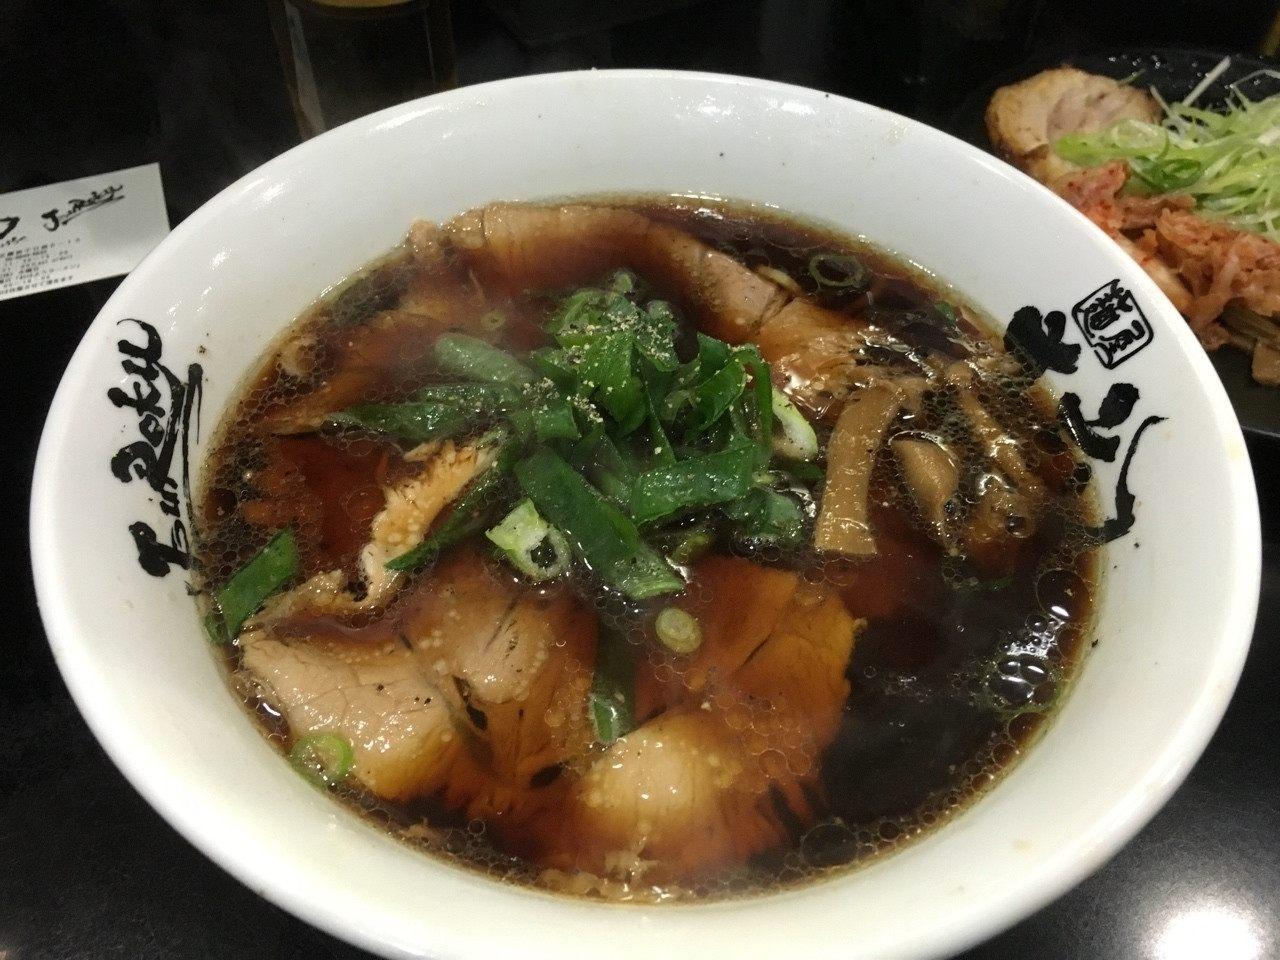 「麵屋 丈六」的招牌拉麵:代表大阪拉麵風格的高井田拉麵「中華そば(soba)」(650日圓)